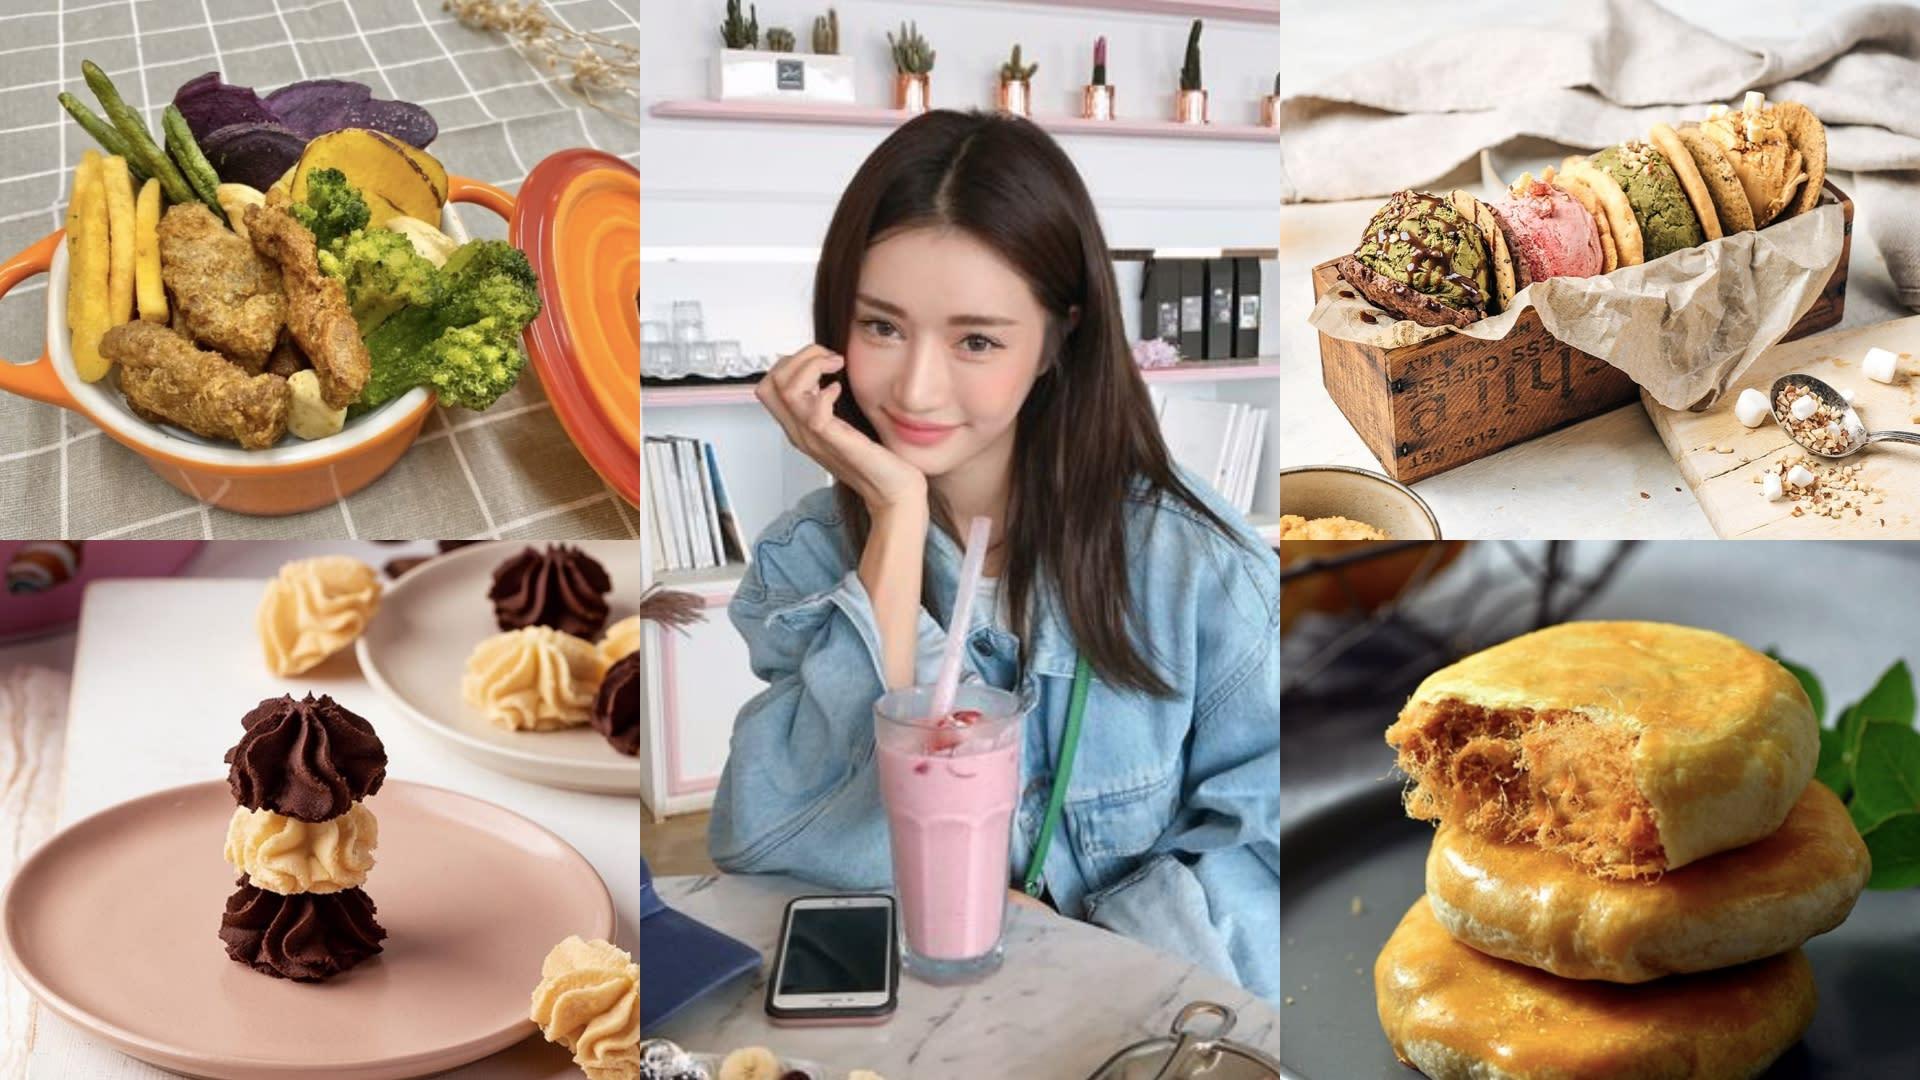 【排行榜好物】網友最愛「熱搜零食TOP10」!神還原鹹酥雞餅乾、好市多限購的神級零食,排隊預購也甘願!